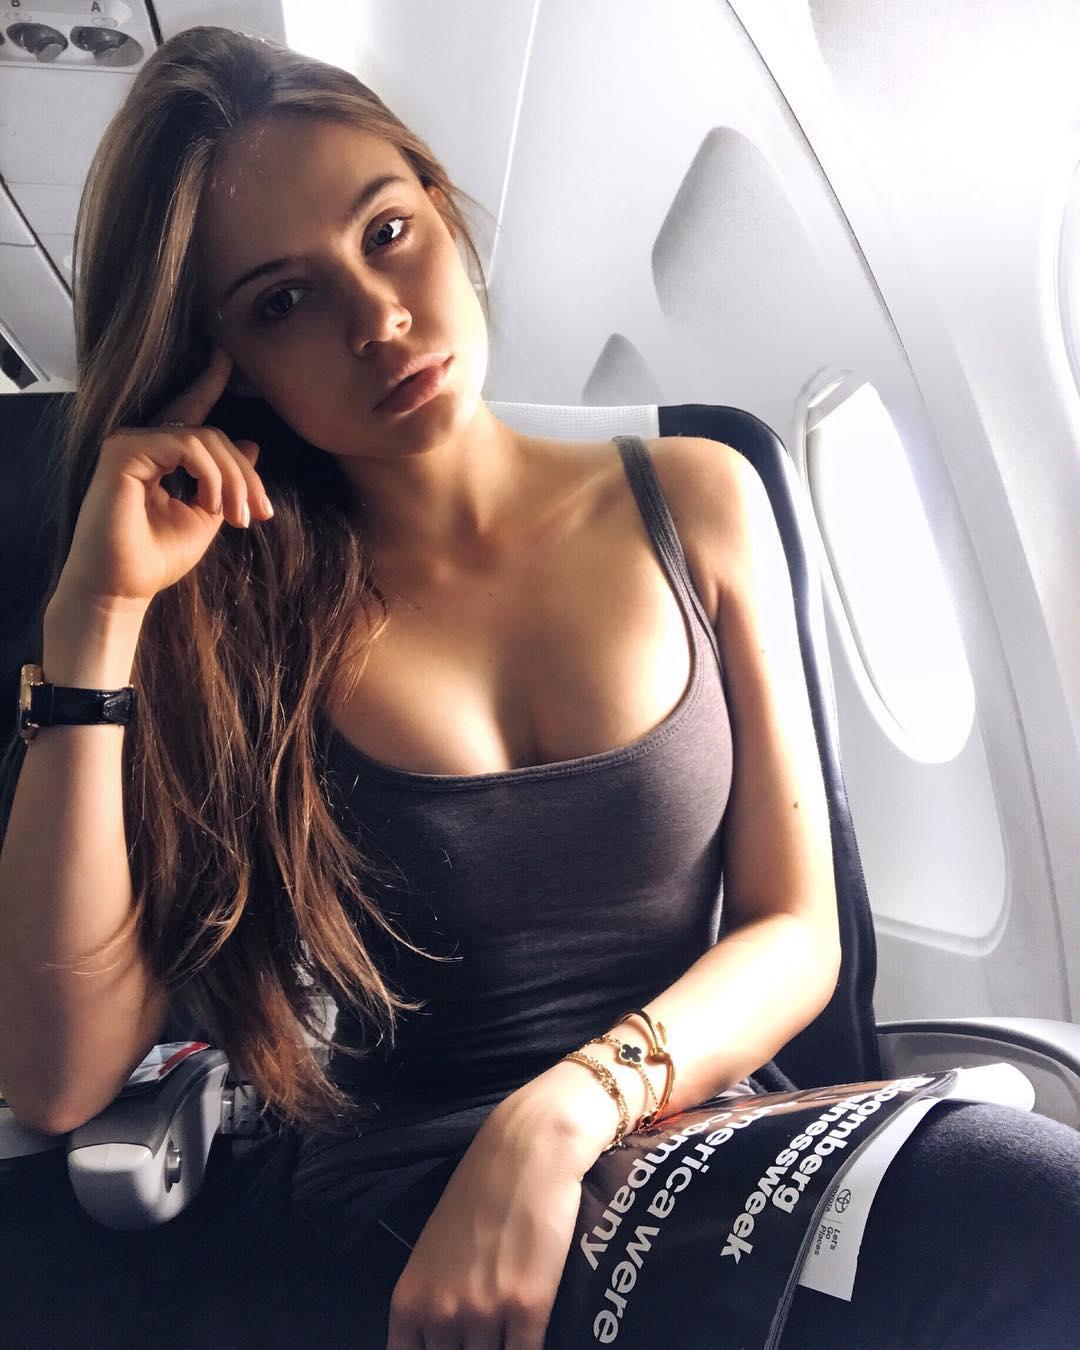 Xenia Tchoumitcheva nudes (52 foto), photos Porno, Instagram, braless 2016